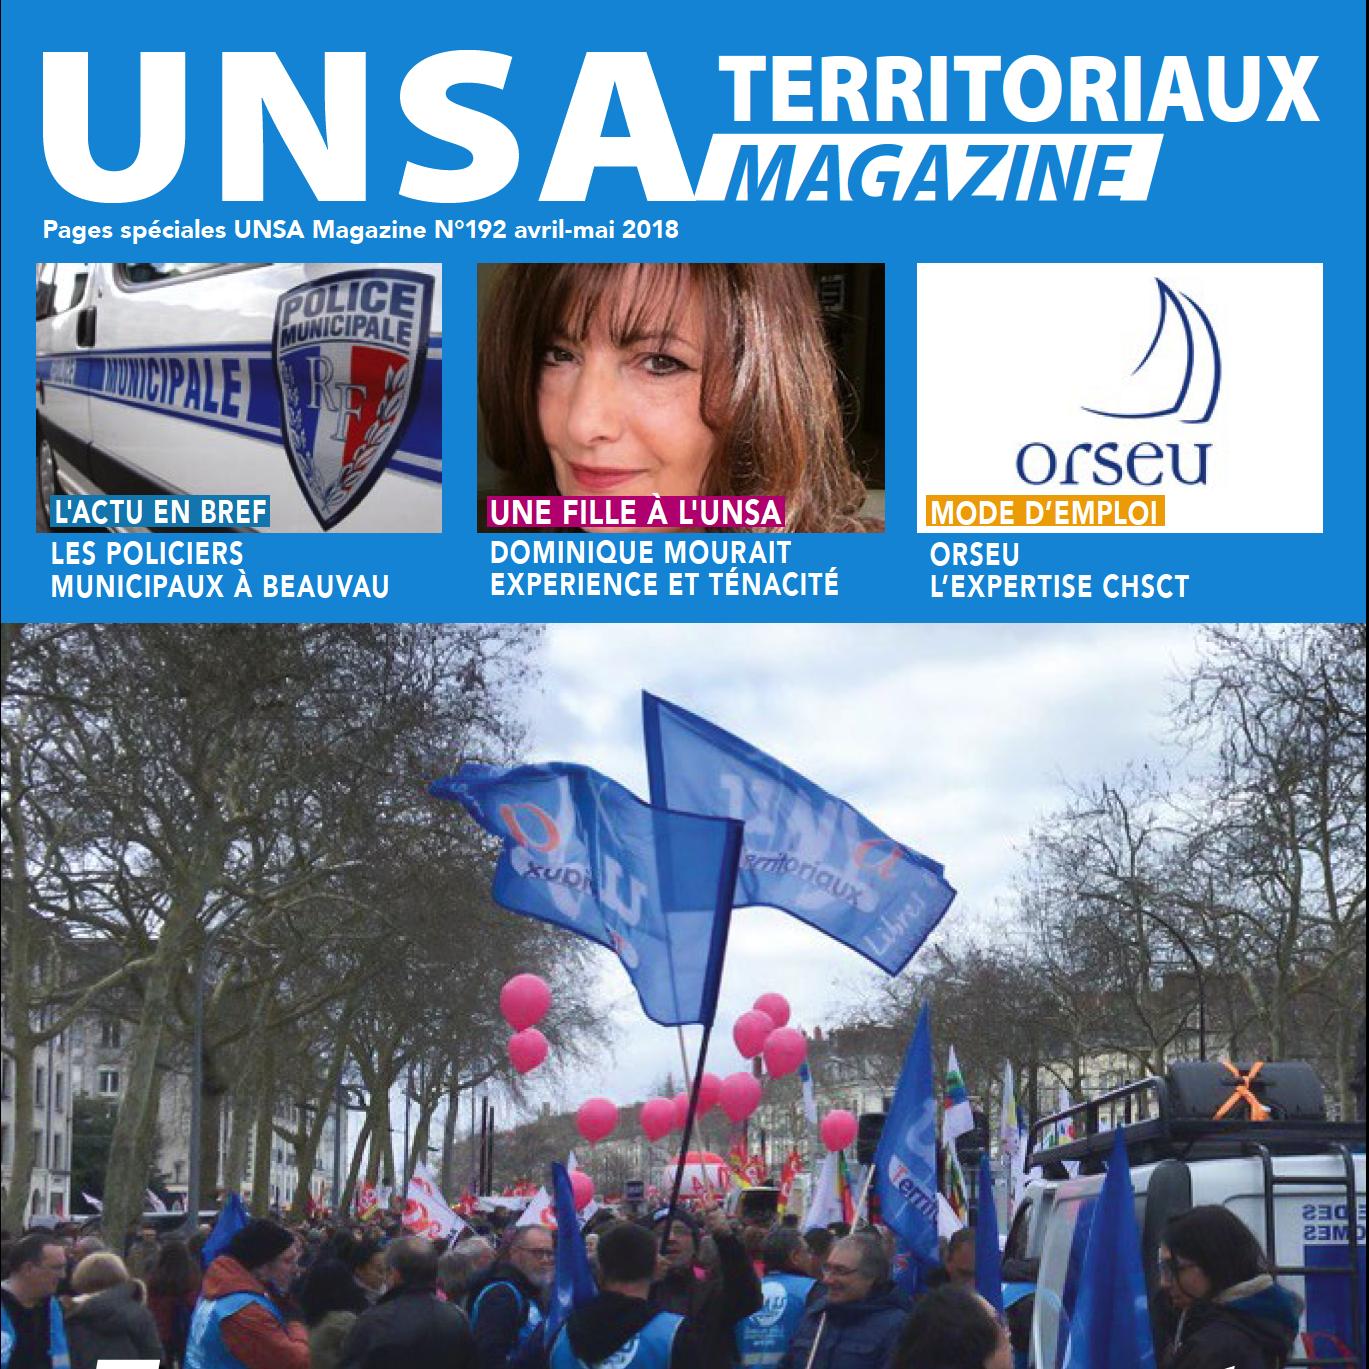 [UNSA Territoriaux Magazine] Découvrez le numéro 192